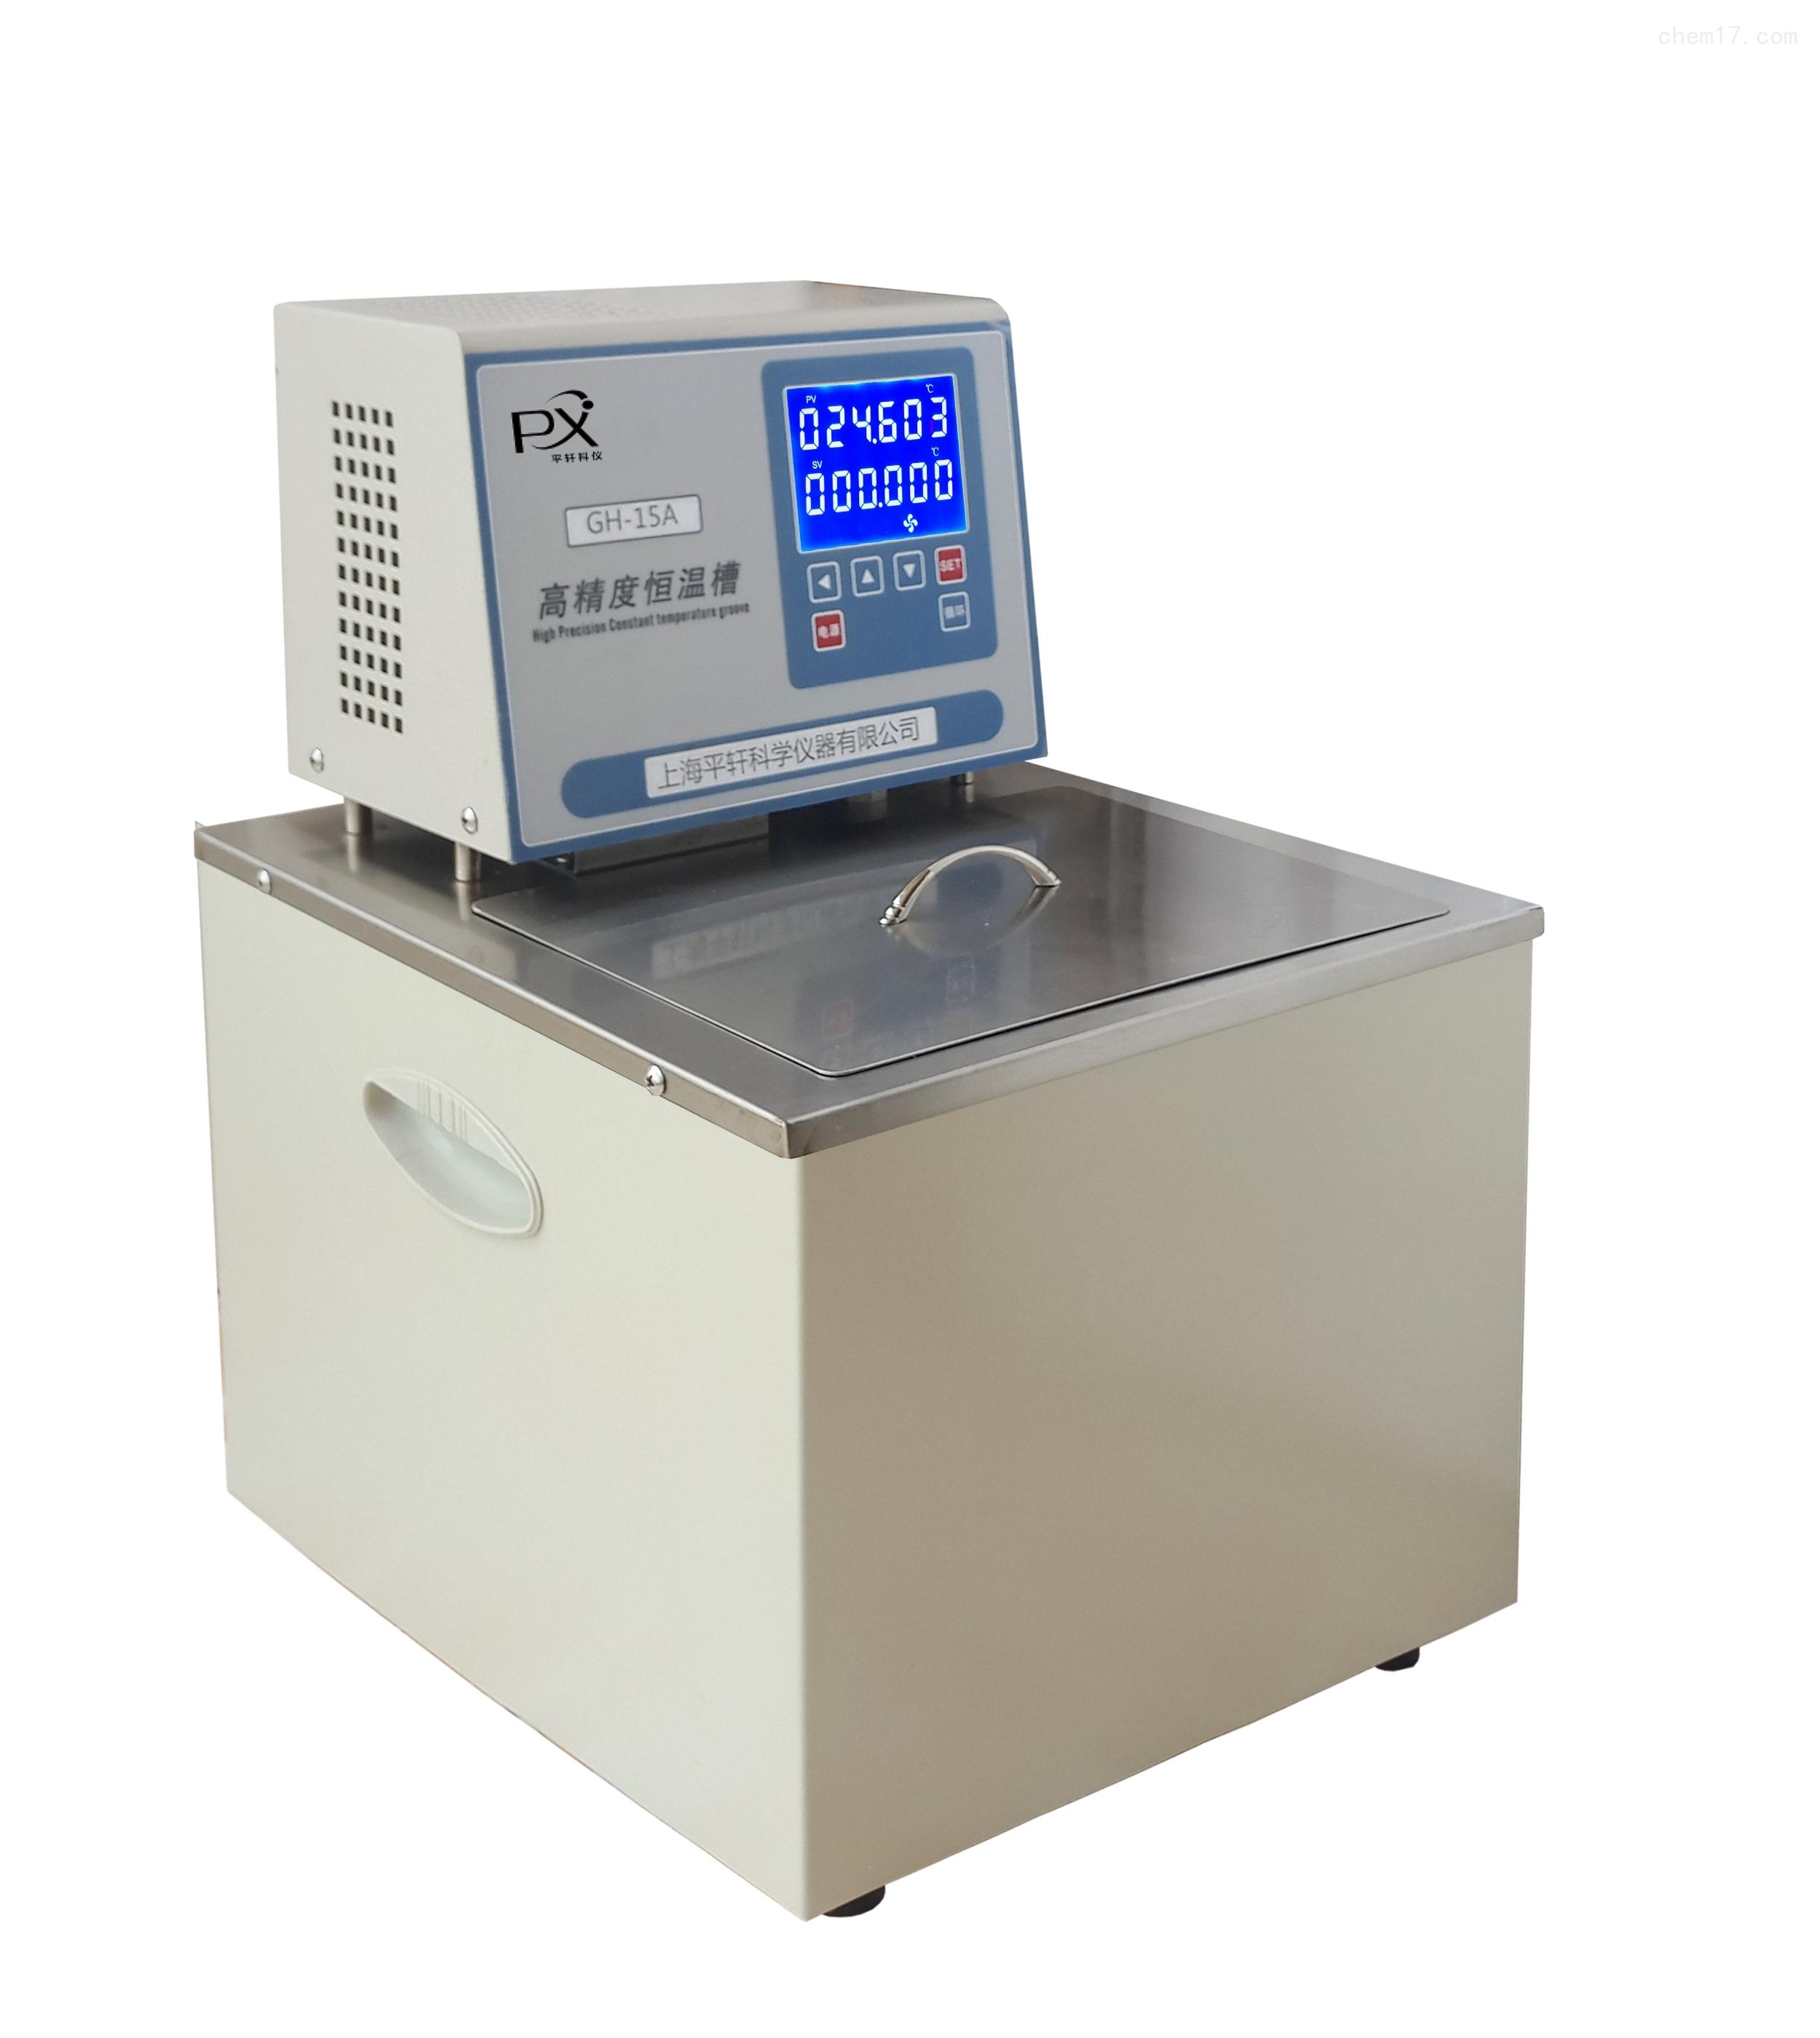 超高精度恒温油槽